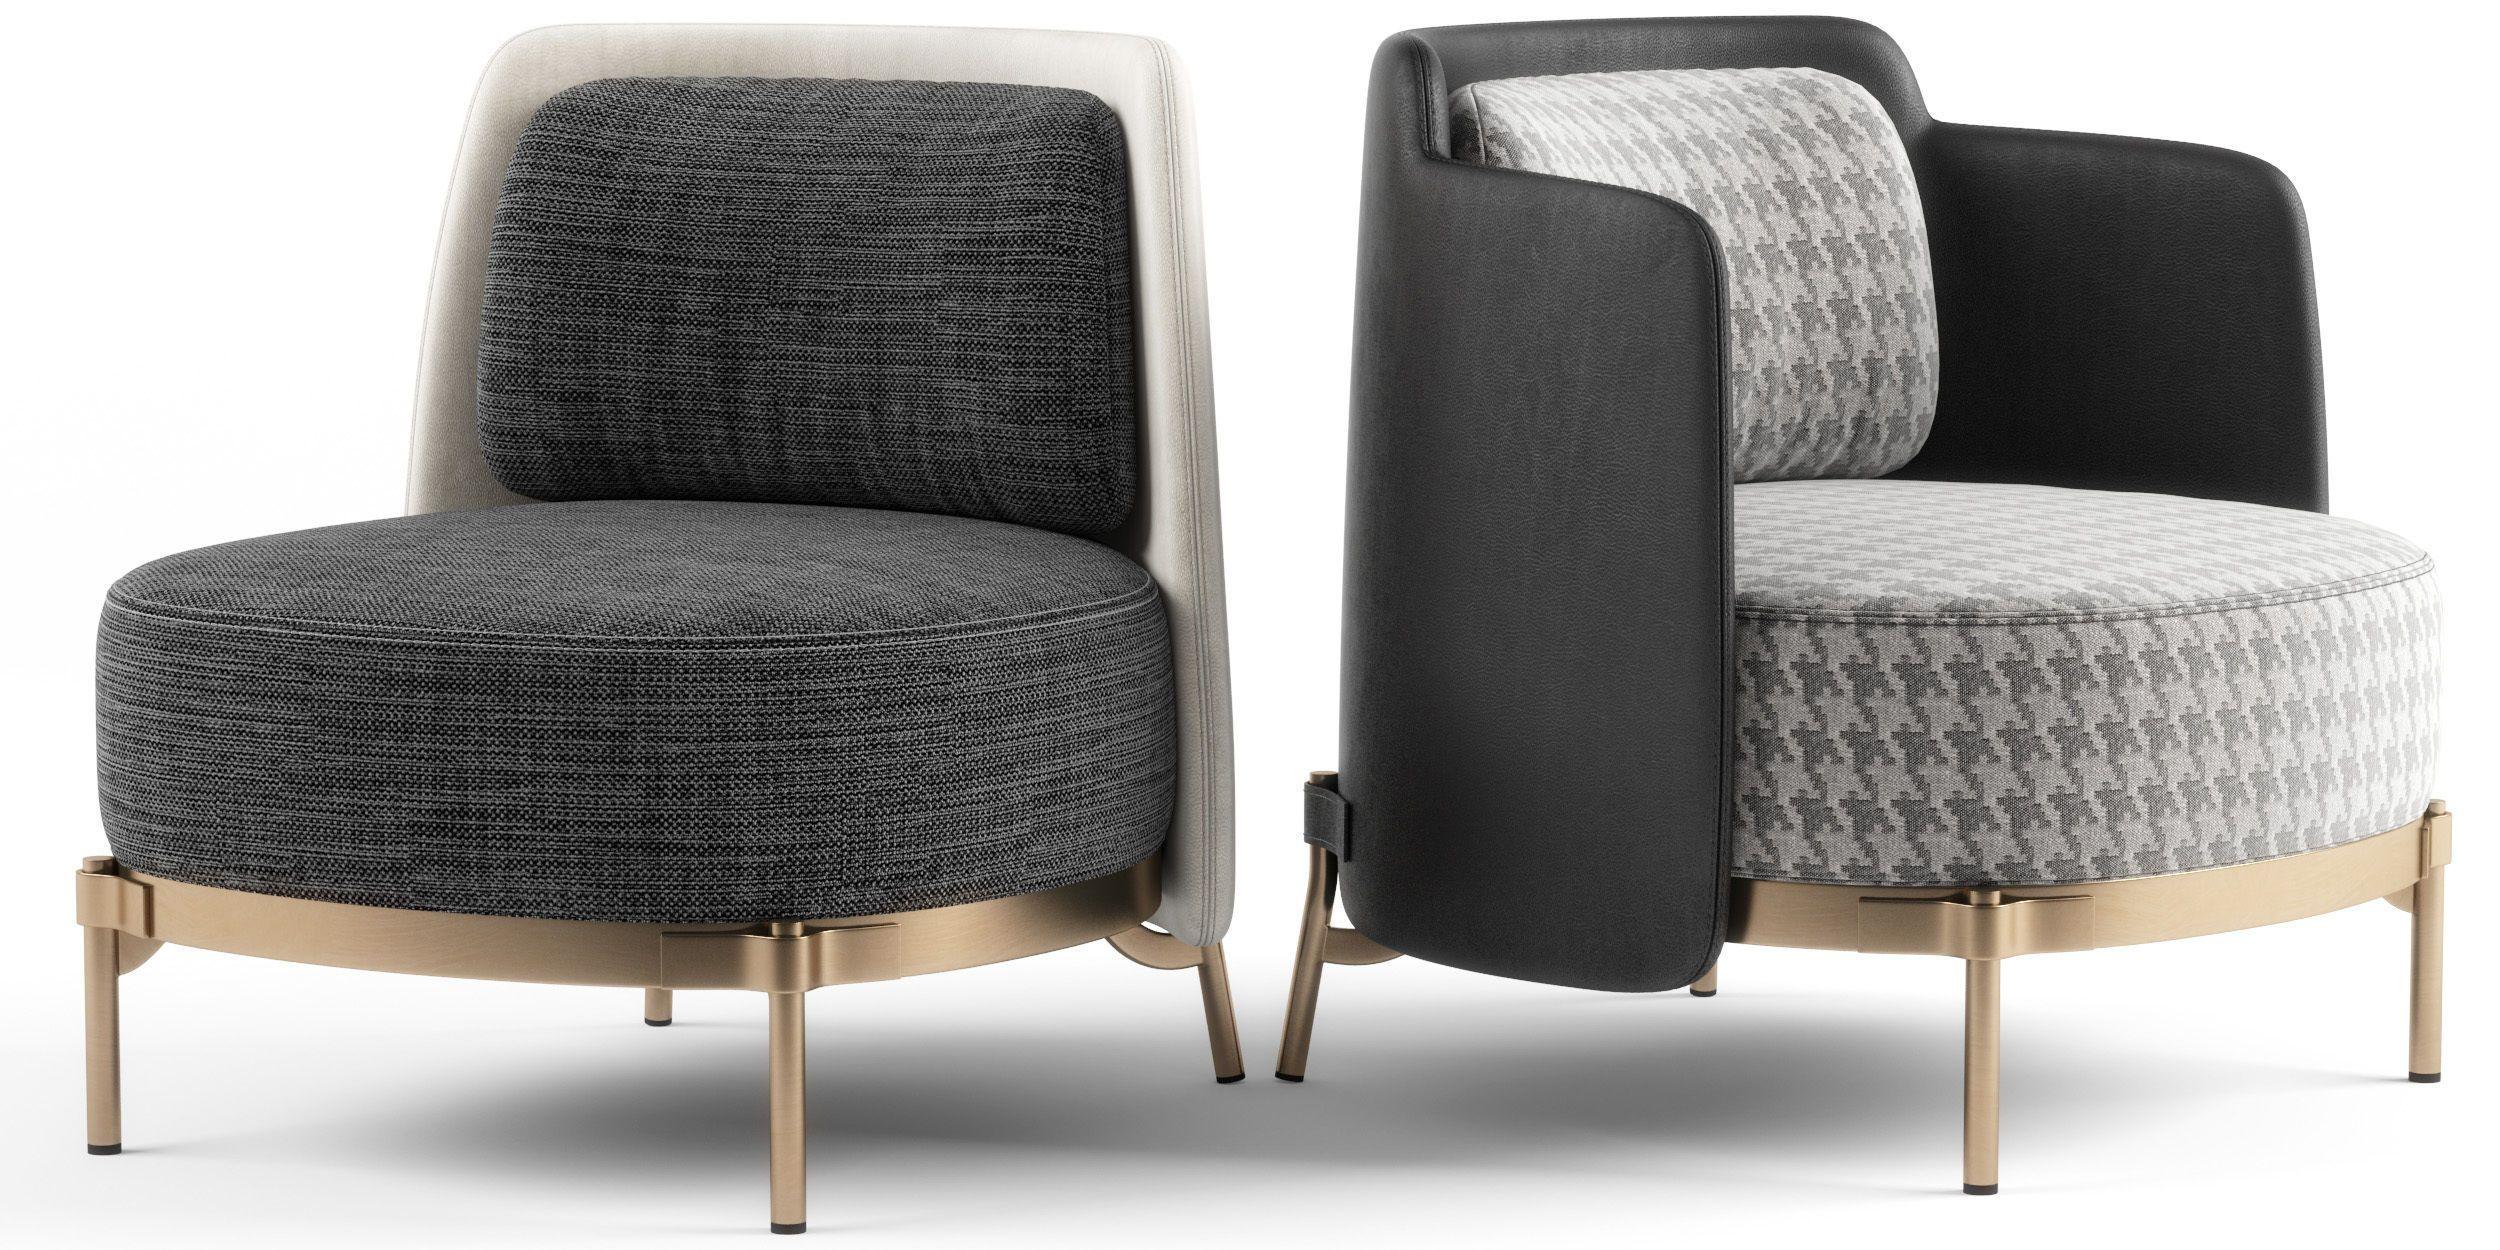 Minotti Tape Armchairs 3d Model 3d Model Minotti Furniture Armchair Furniture Furniture